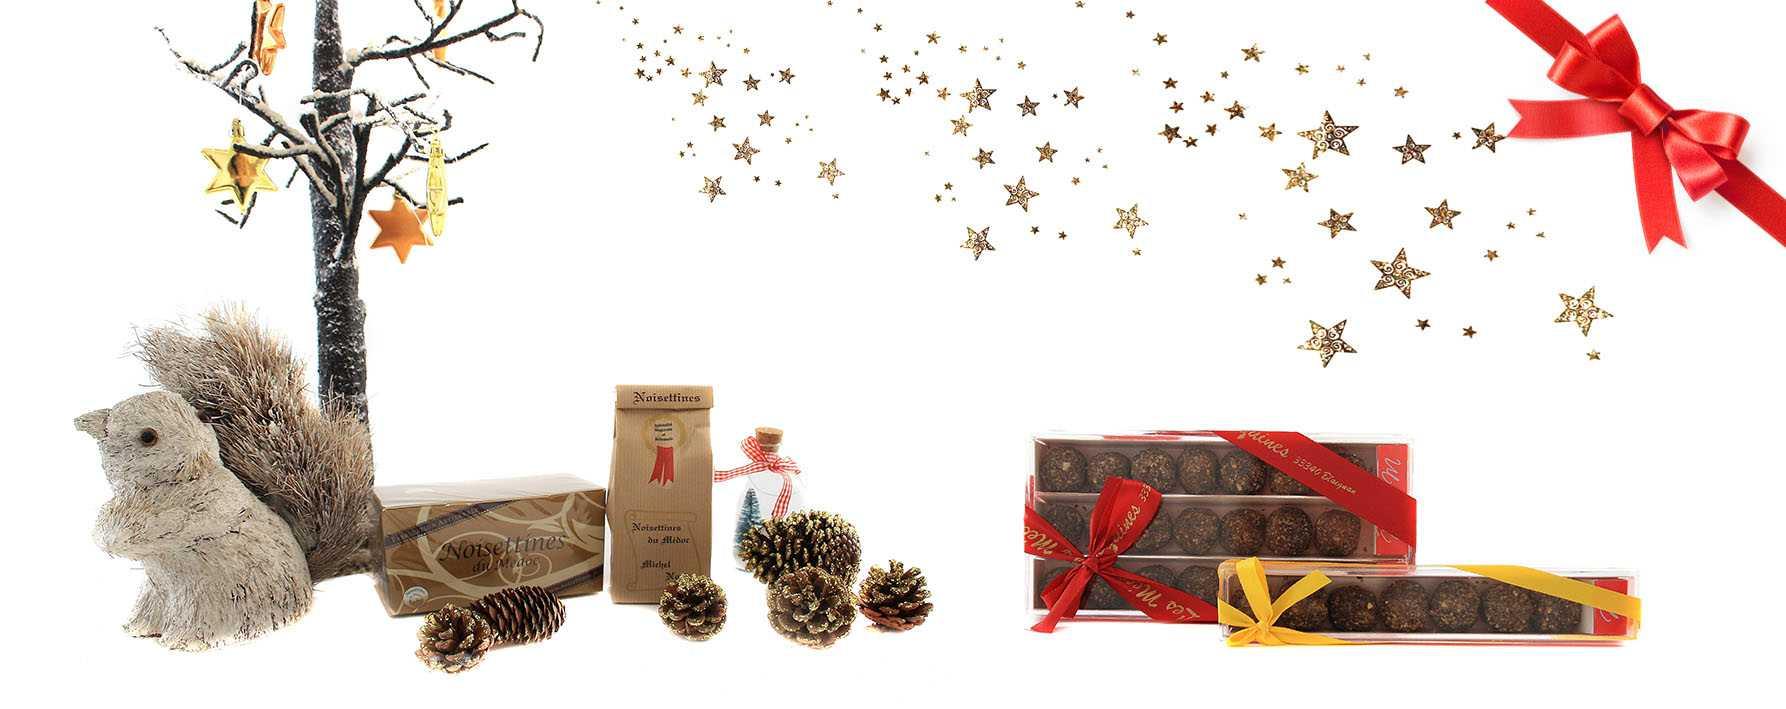 Confiserie artisanale pour Noël